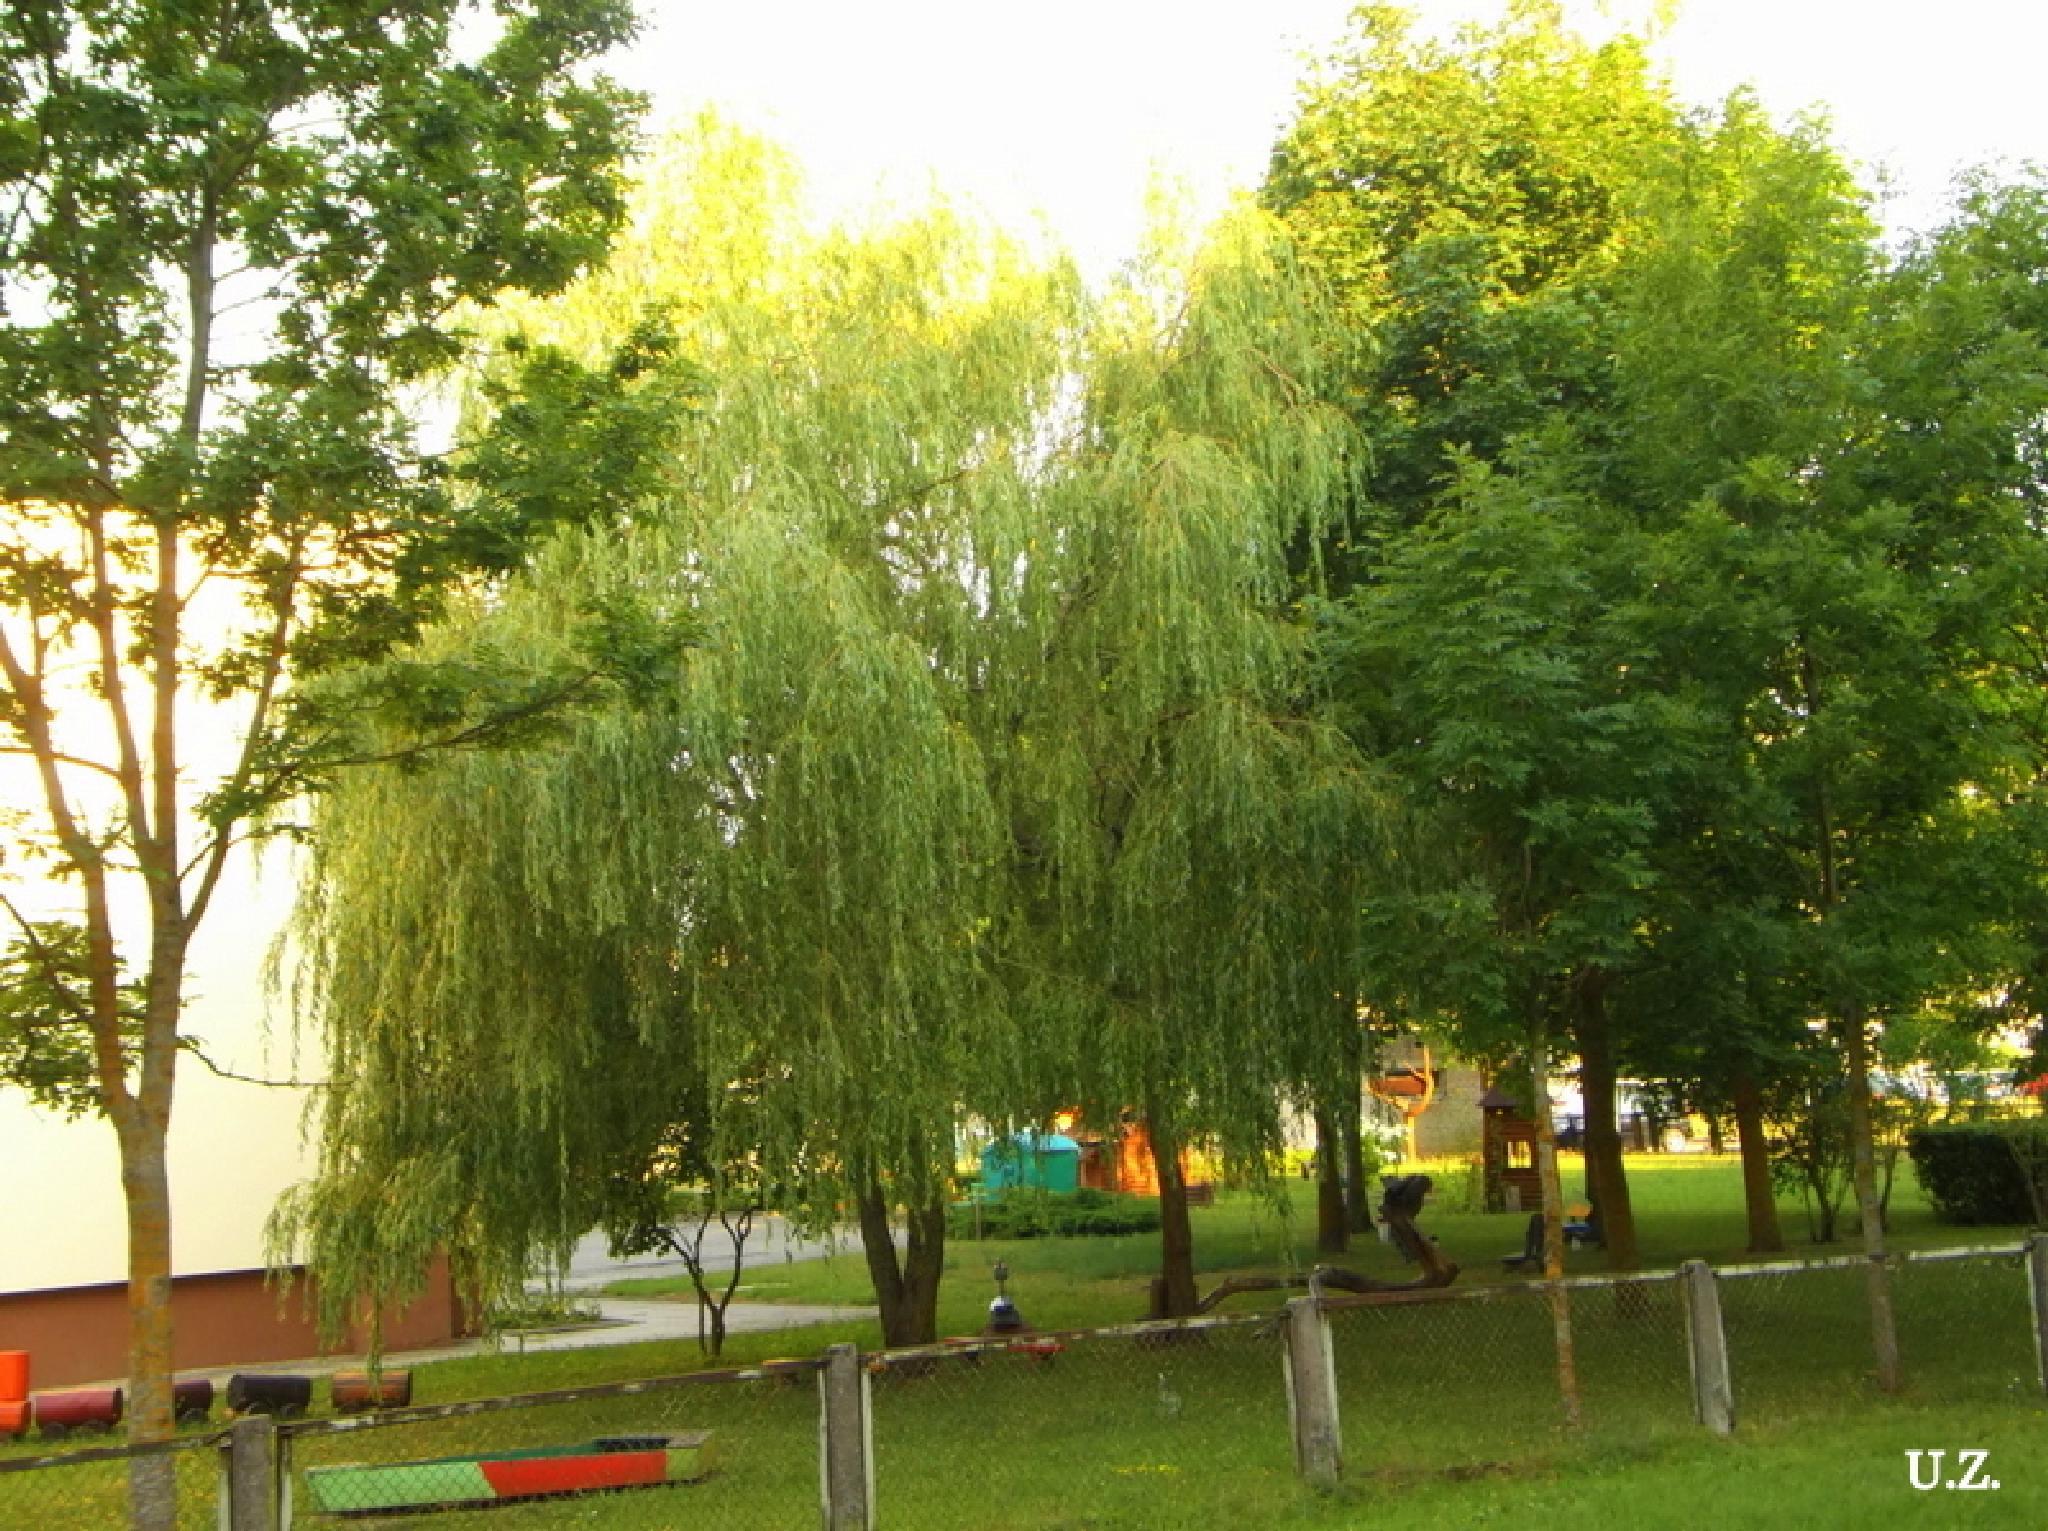 Trees by Zita Užkuraitienė